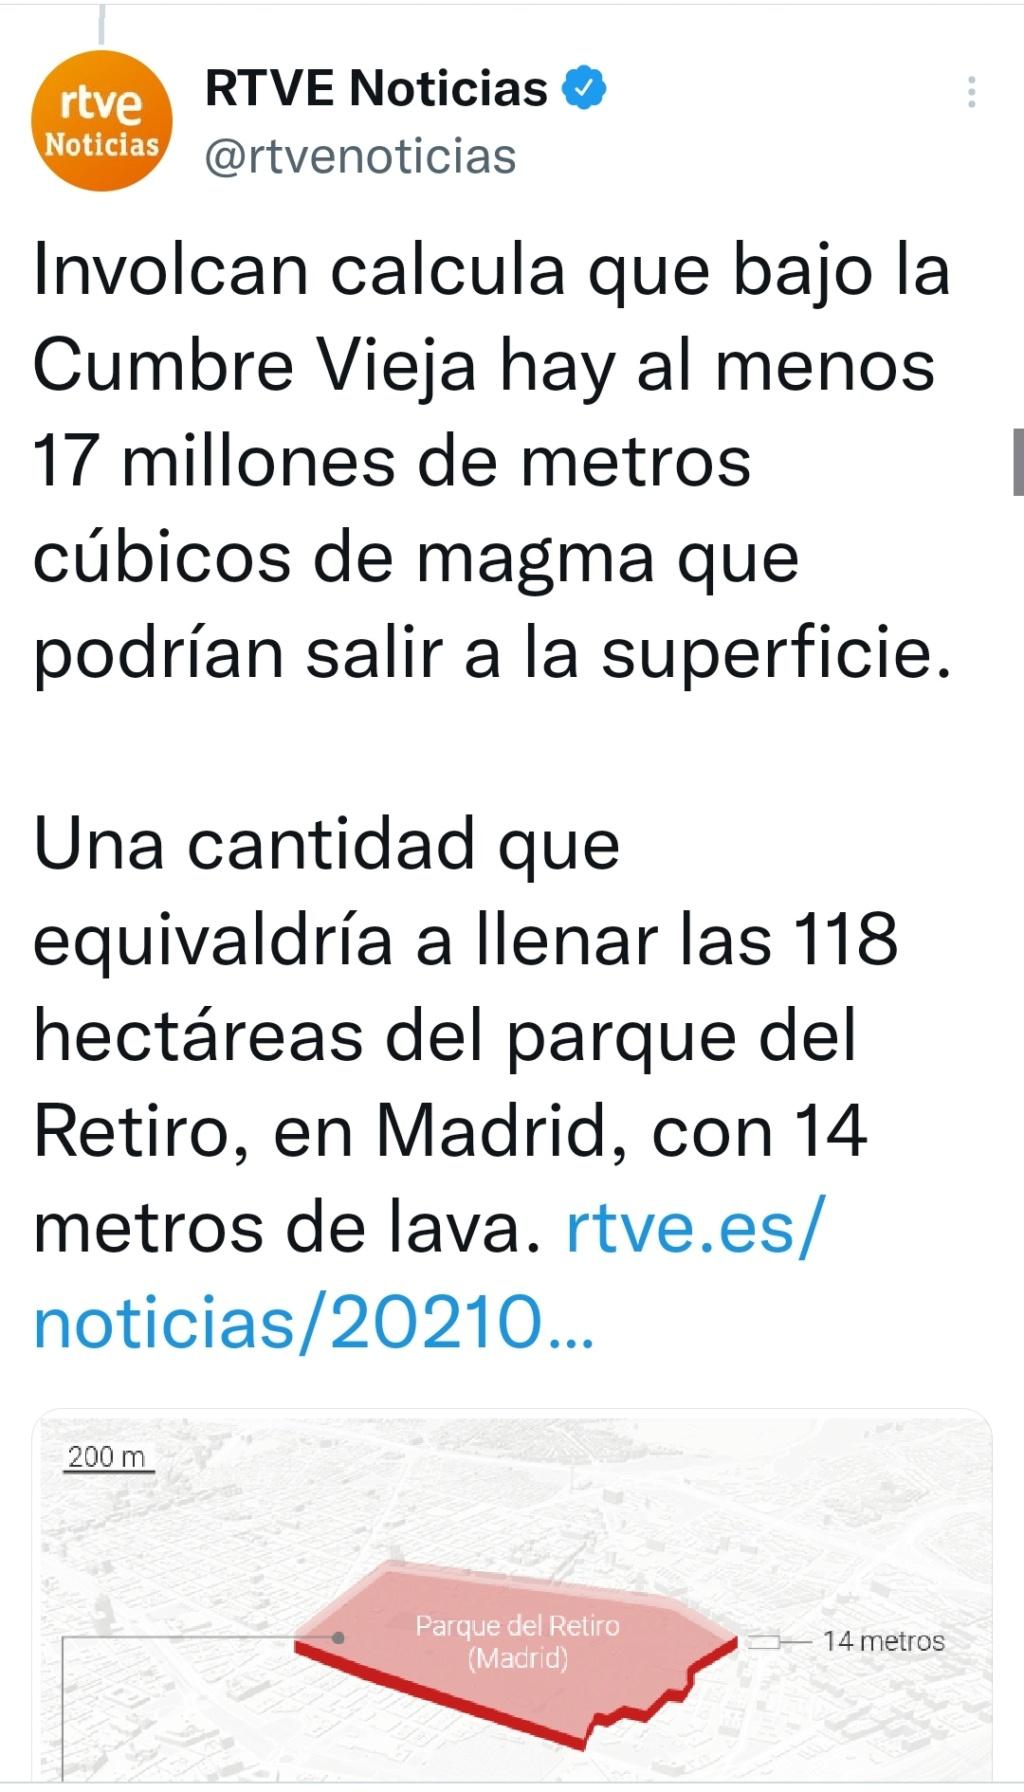 Madrileños, sus vais a cagar... - Página 11 Img_2094